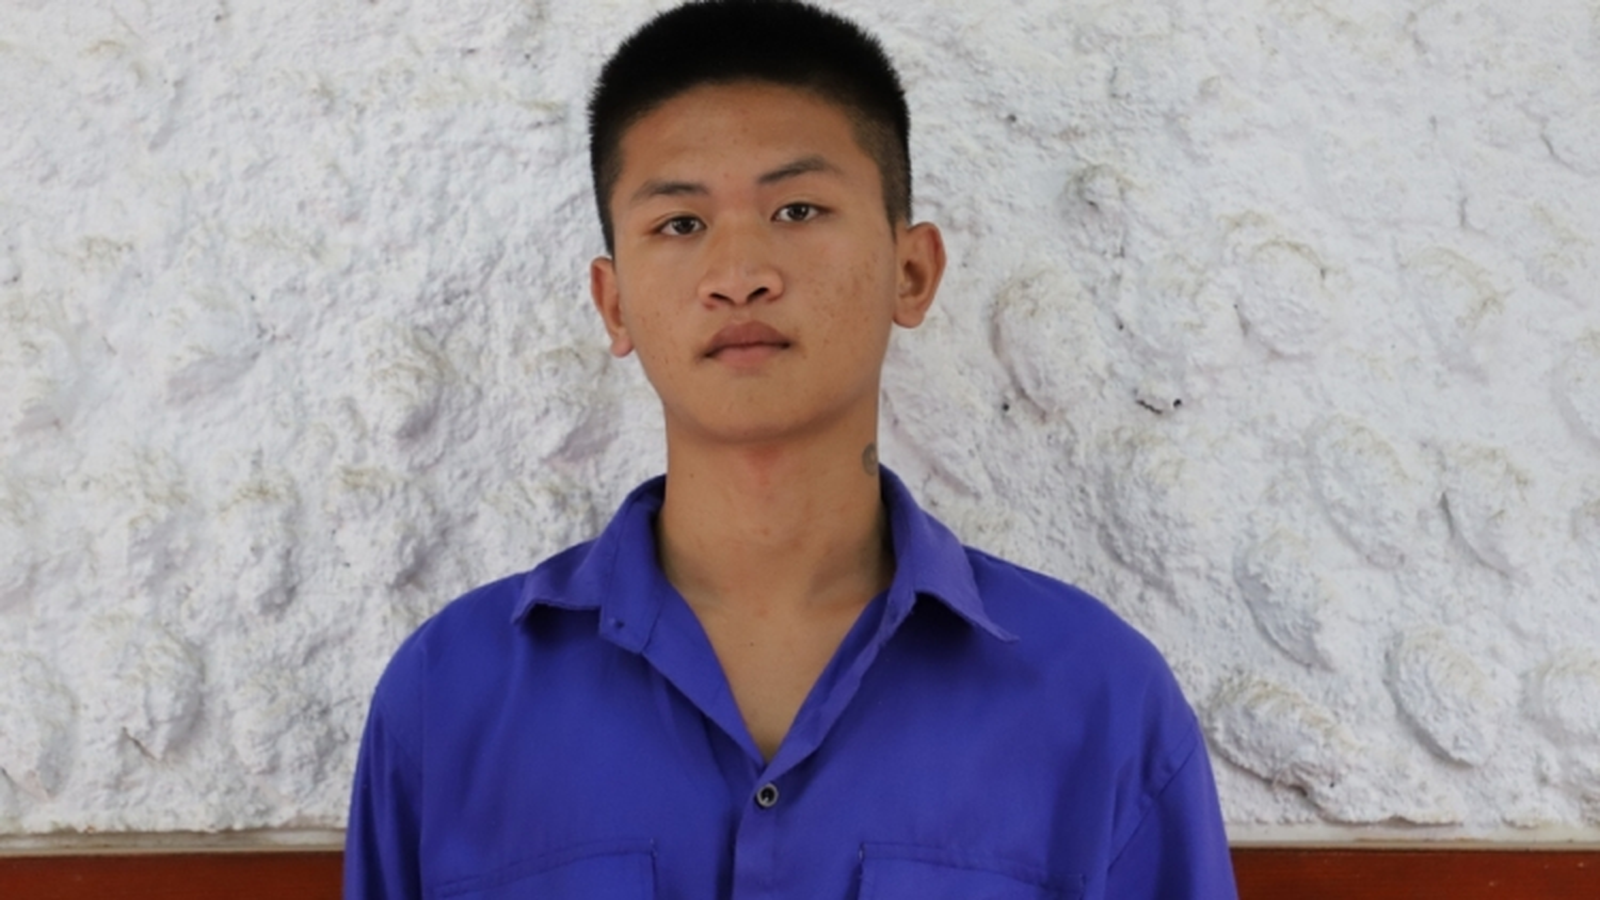 Công an tỉnh Yên Bái bắt 2 đối tượng truy nã